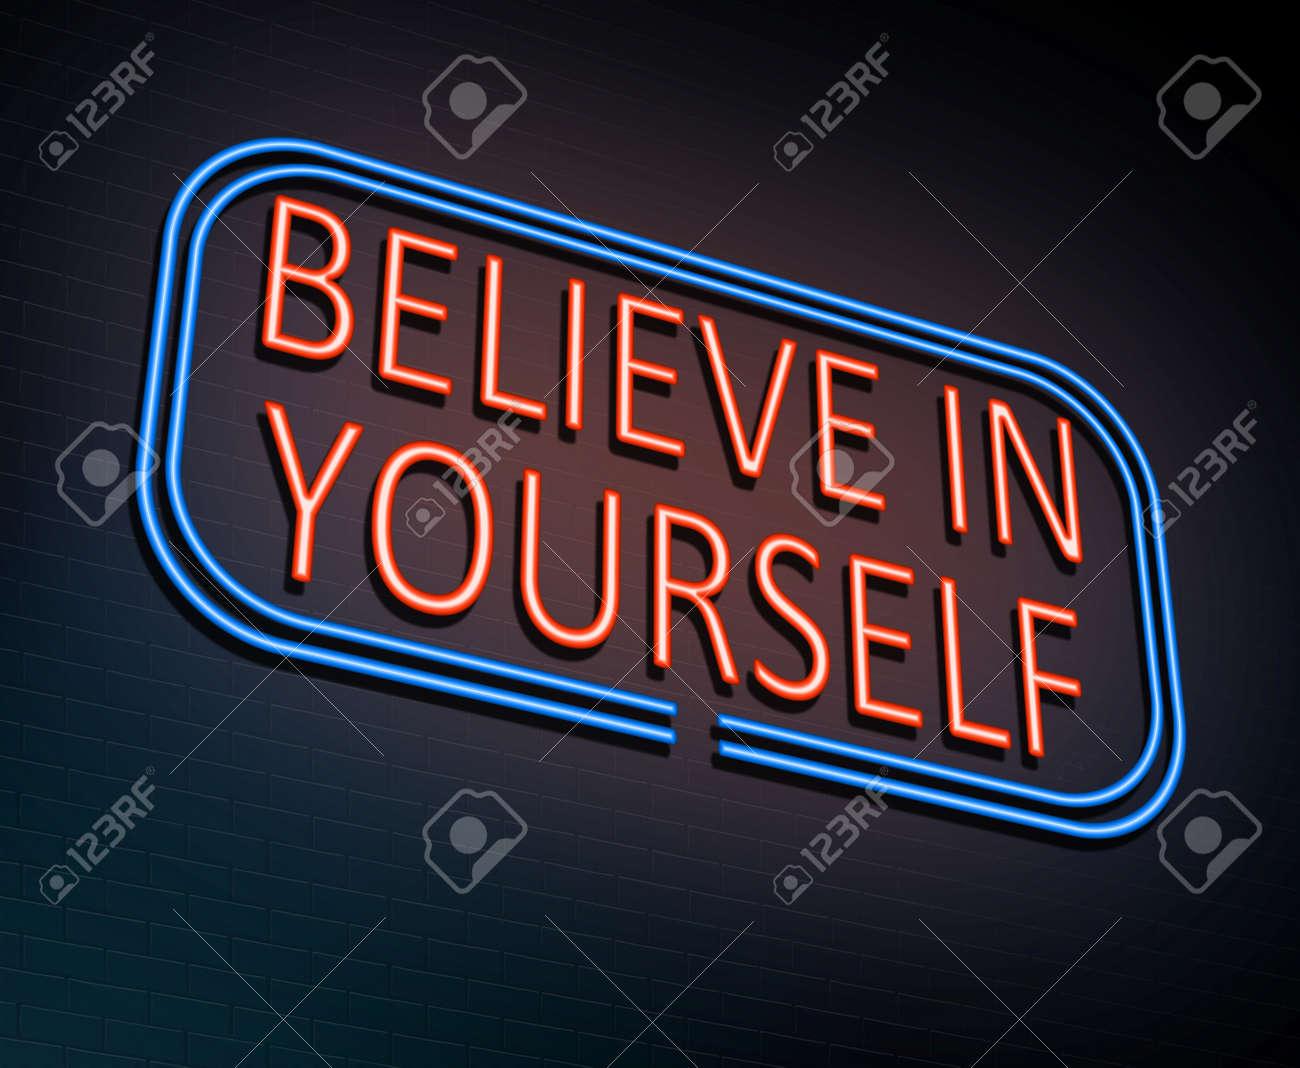 3d illustration depicting an illuminated neon sign with a believe 3d illustration depicting an illuminated neon sign with a believe in yourself concept stock illustration solutioingenieria Choice Image